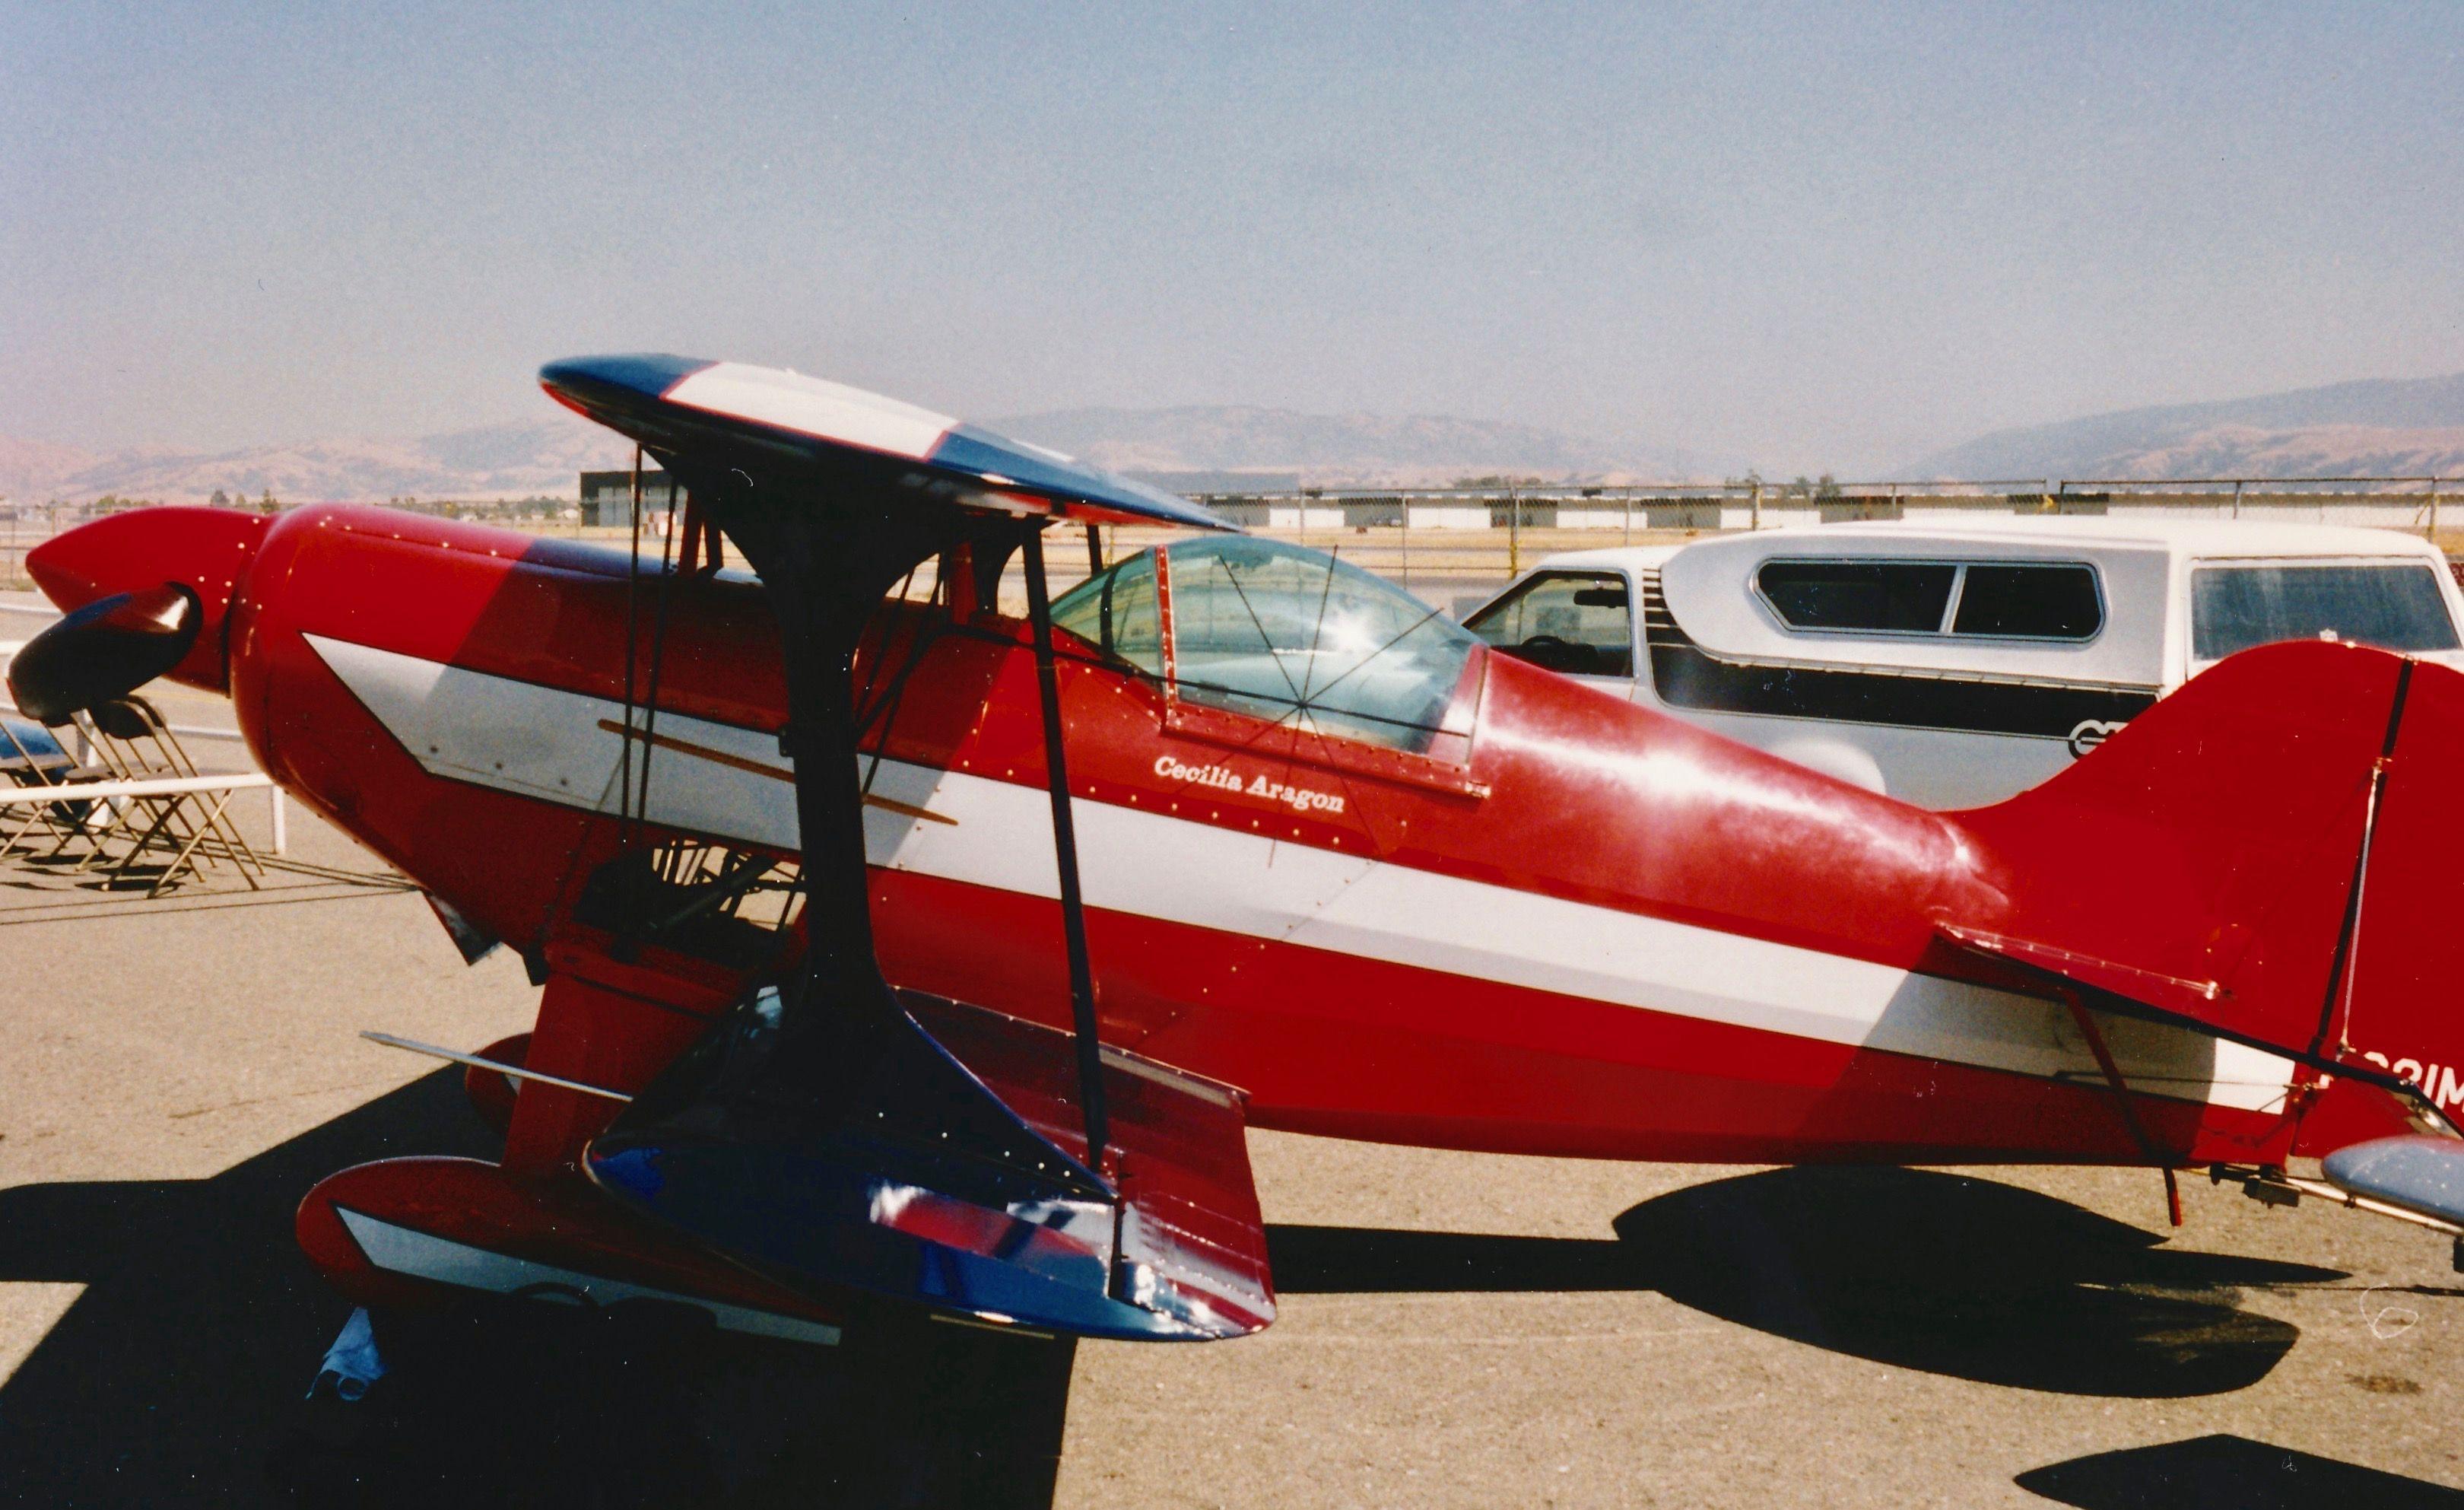 Cecilia Aragon Pitts at Livermore Airport in California. 1990's.